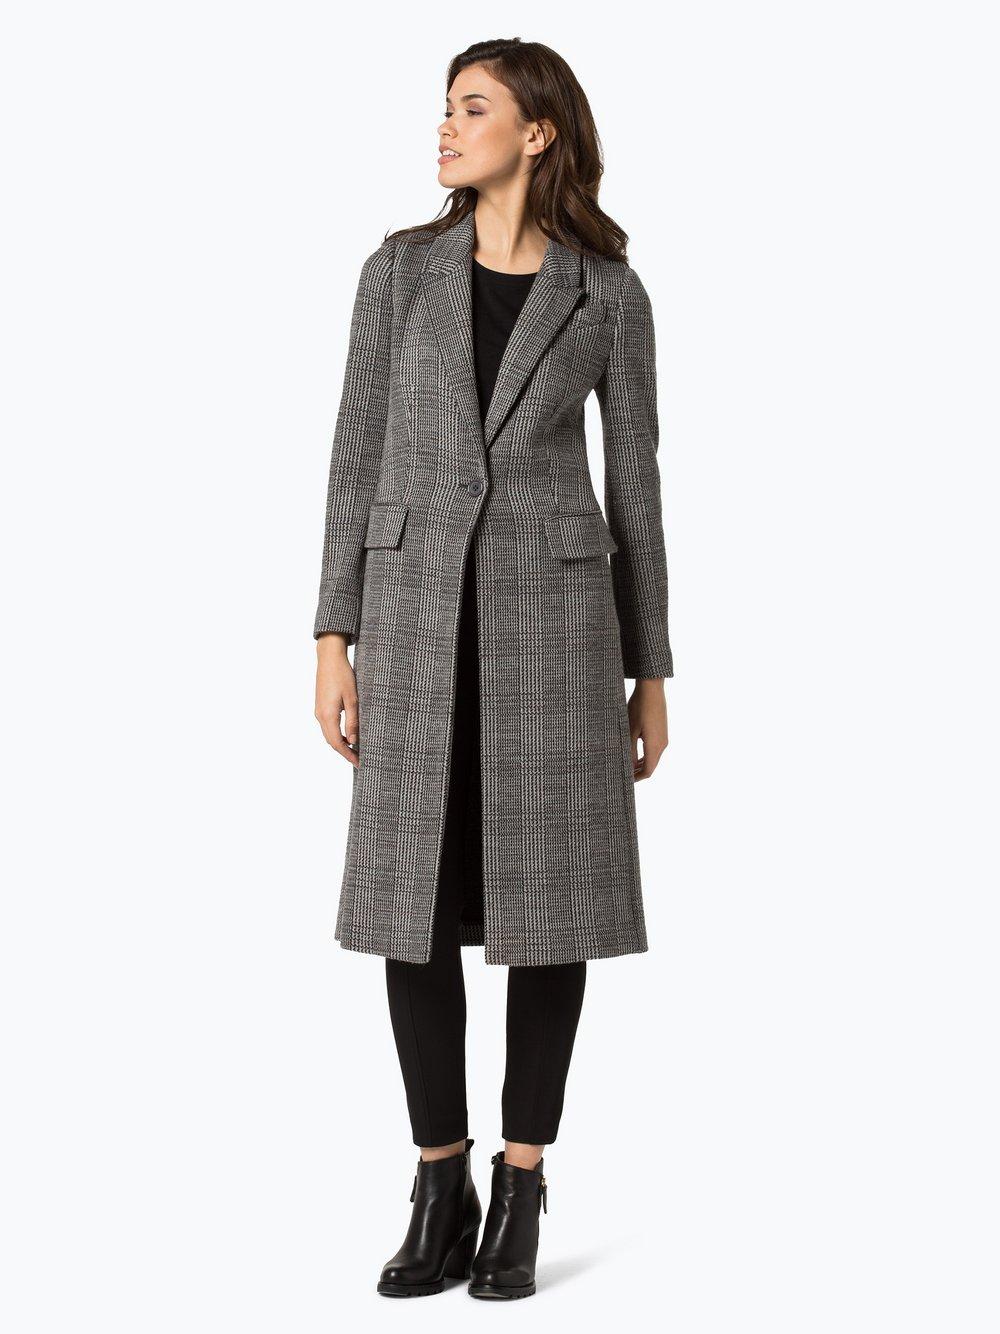 stabile Qualität verkauf usa online attraktiver Stil talk about Damen Mantel online kaufen | PEEK-UND-CLOPPENBURG.DE